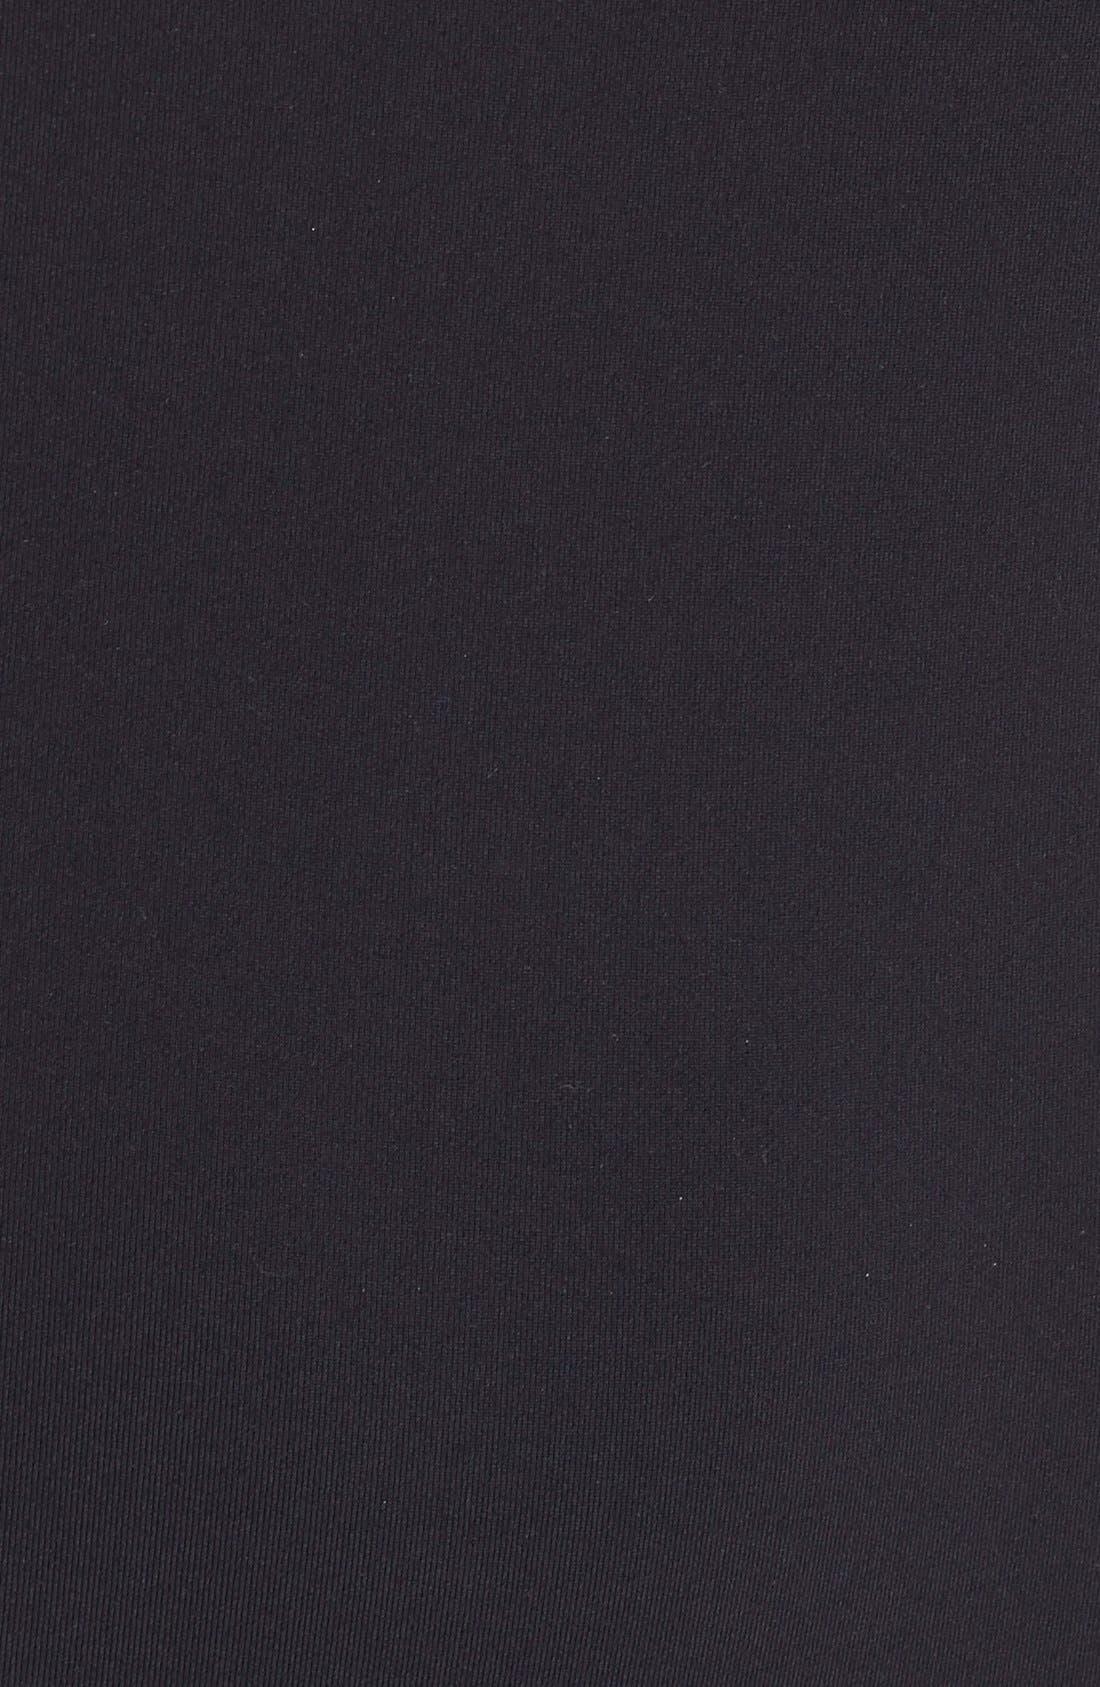 'Bianca Noir' Full Length Bodysuit,                             Alternate thumbnail 3, color,                             001